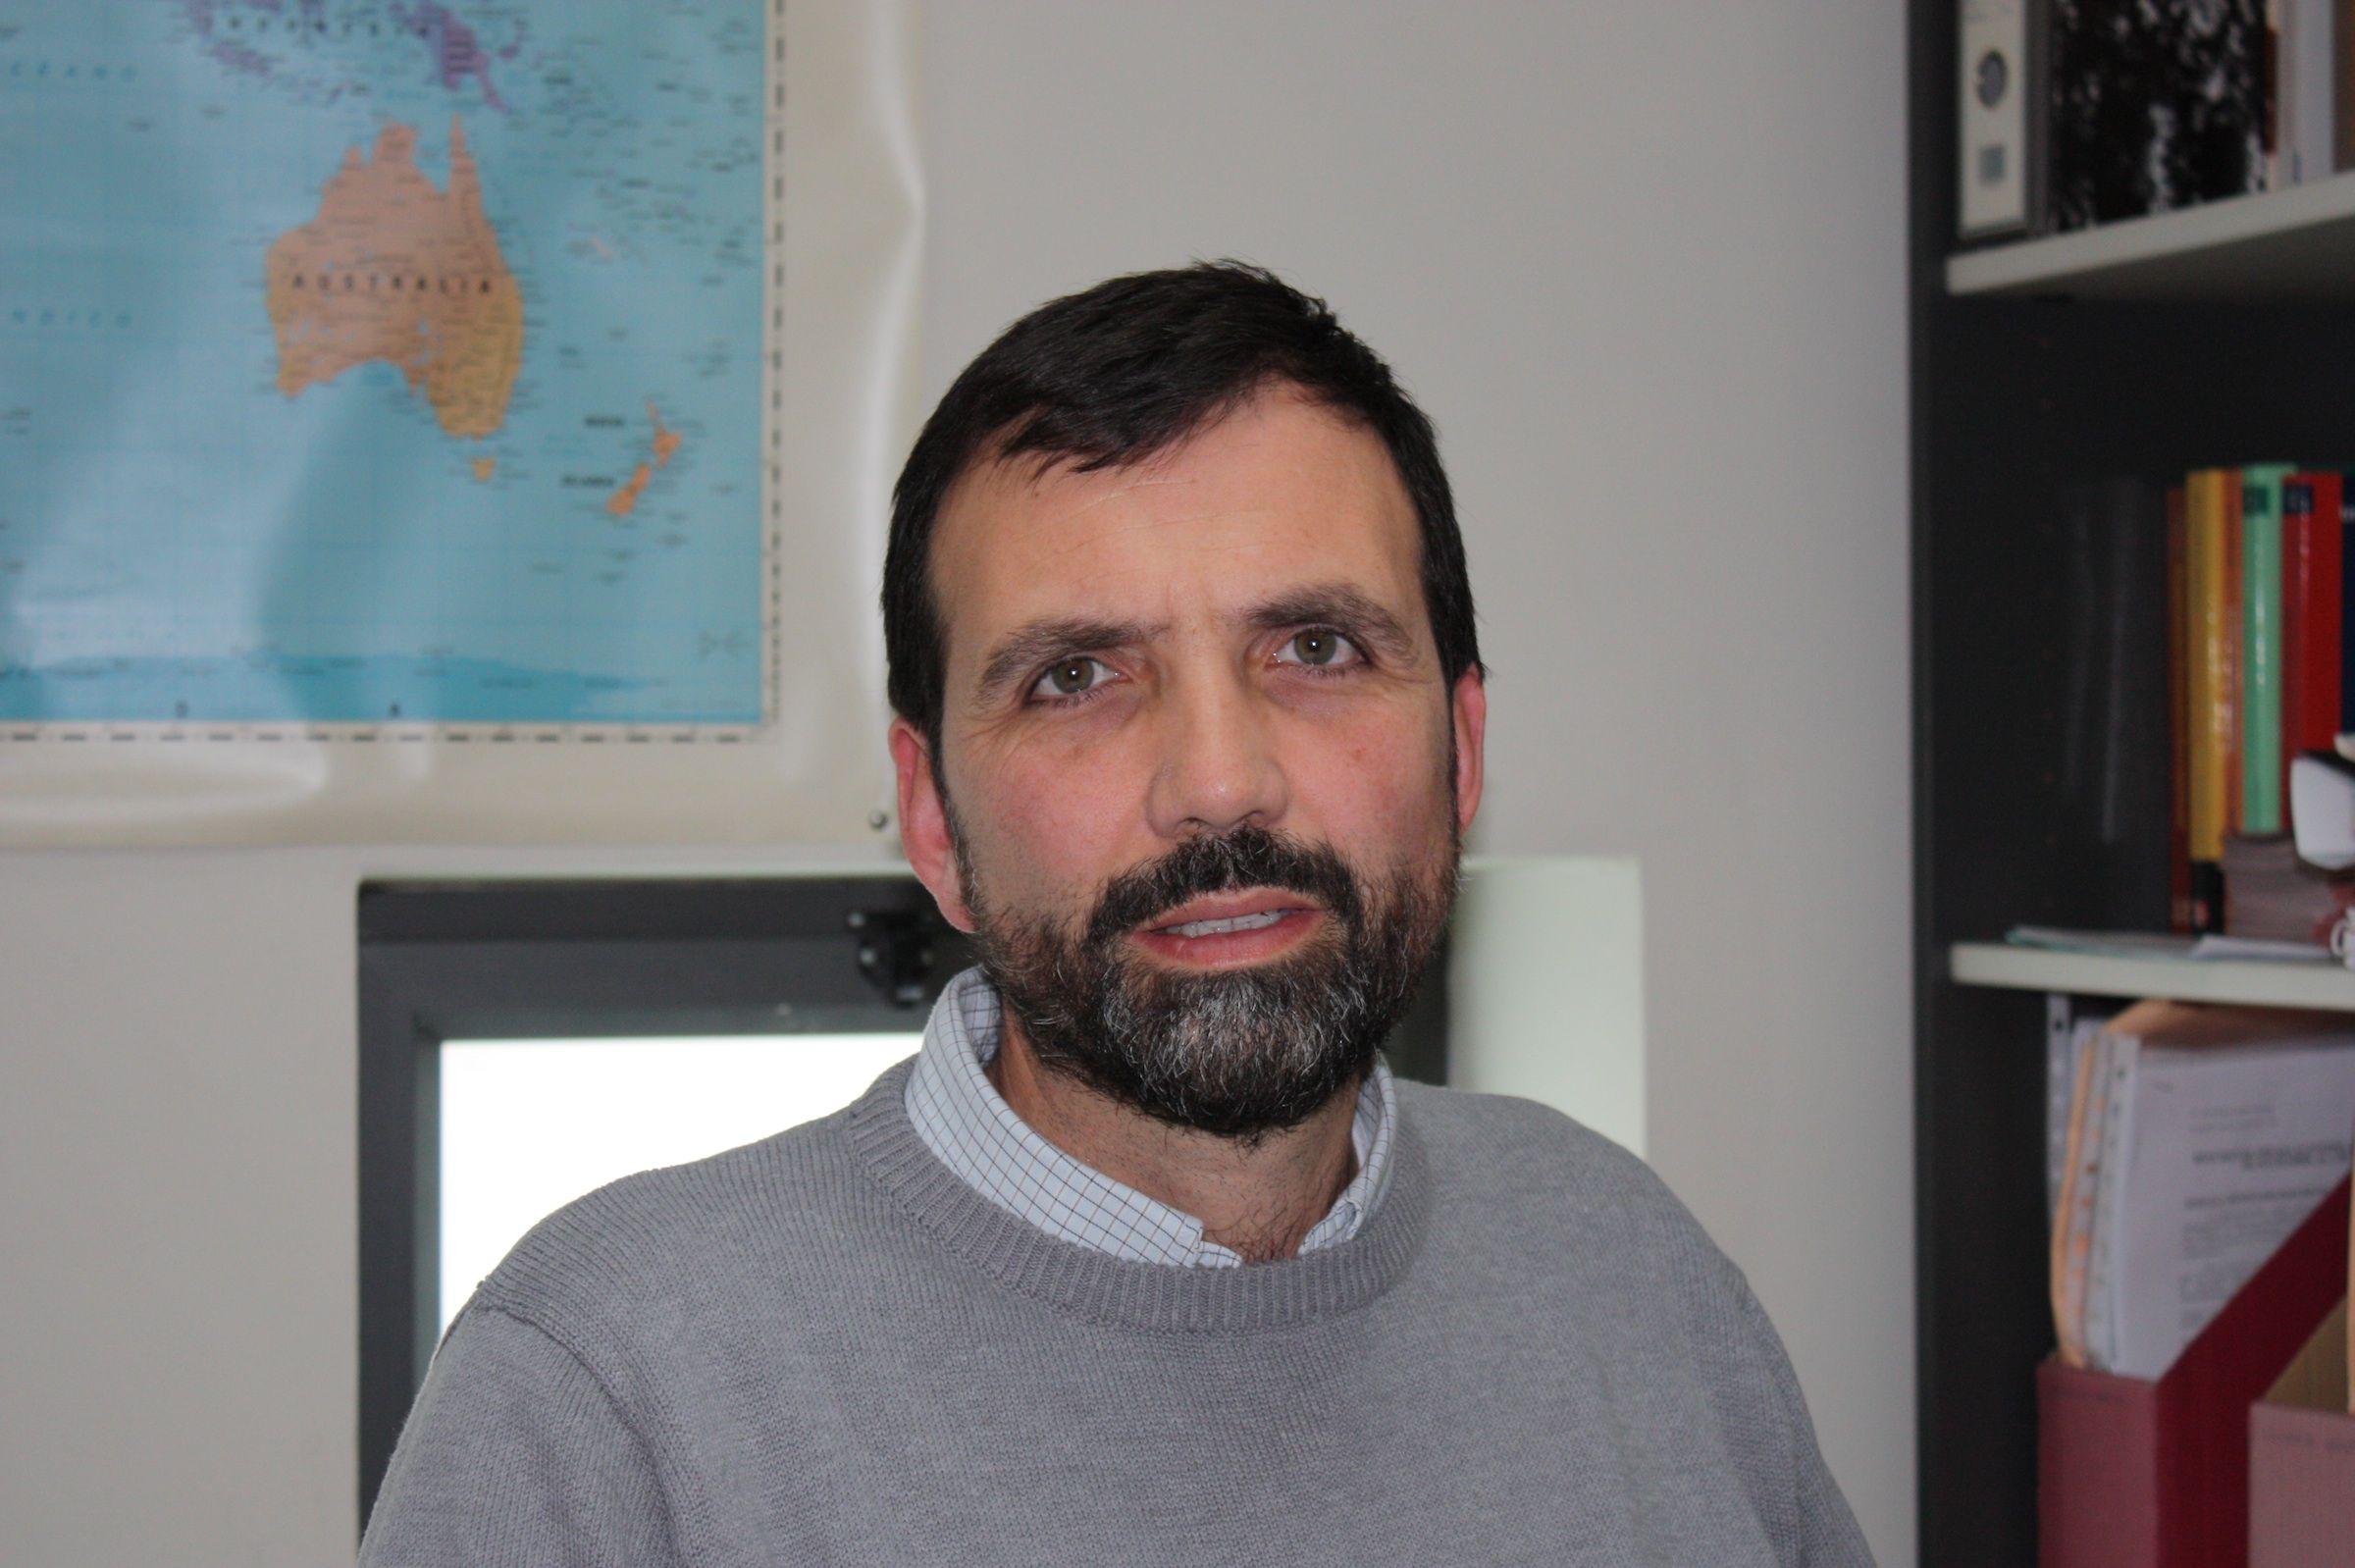 """Enrique Lluch Frechina, profesor de Economía de la Universidad CEU Cardenal Herrera de Valencia, autor del libro """"Una economía para la esperanza""""."""